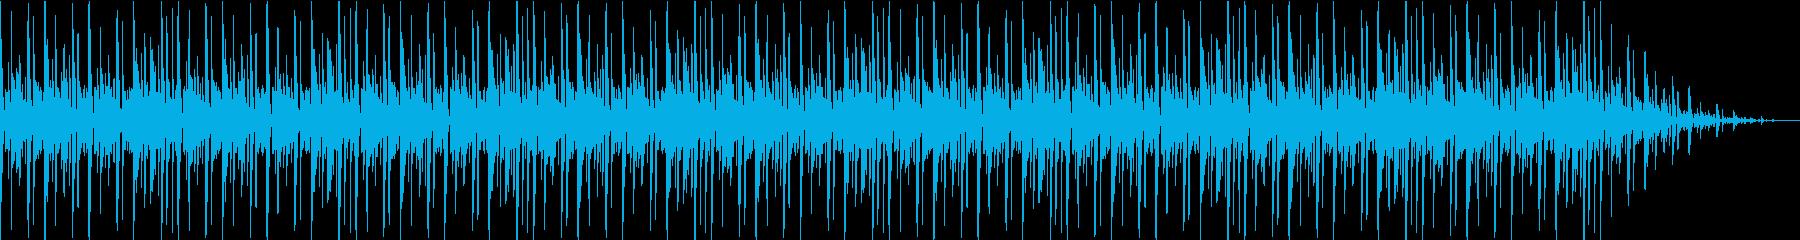 ピアノのコードが素敵なbgmの再生済みの波形